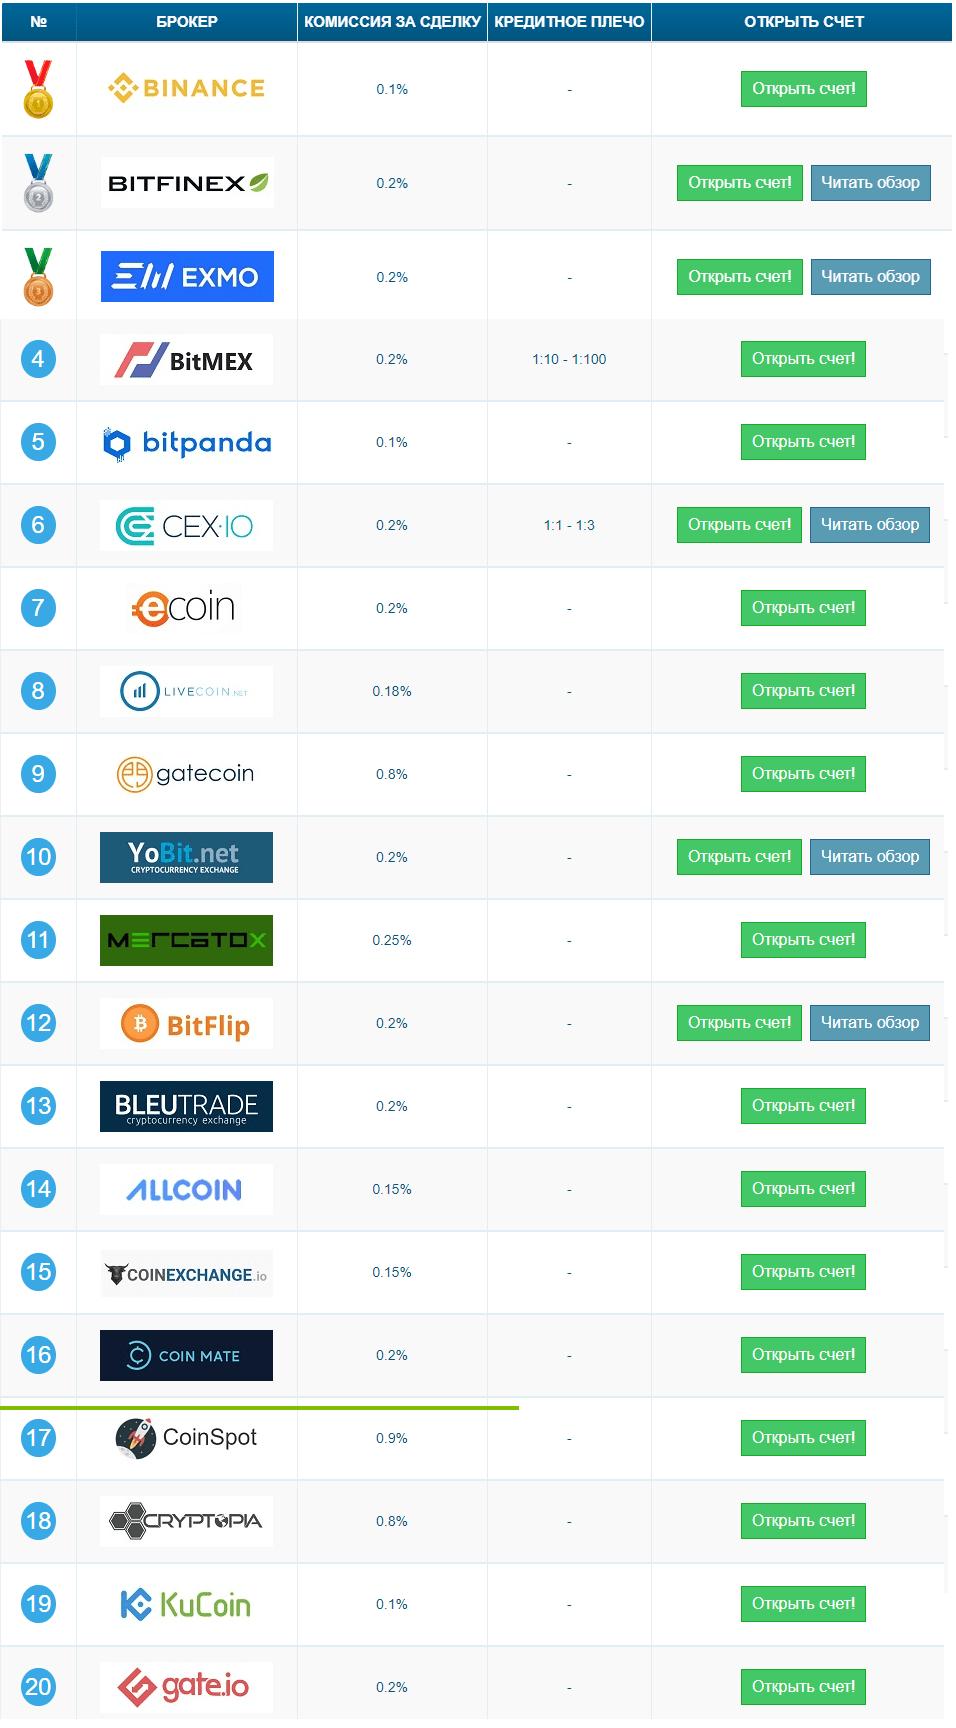 Рейтинг лучших криптобирж в 2018-2019 году